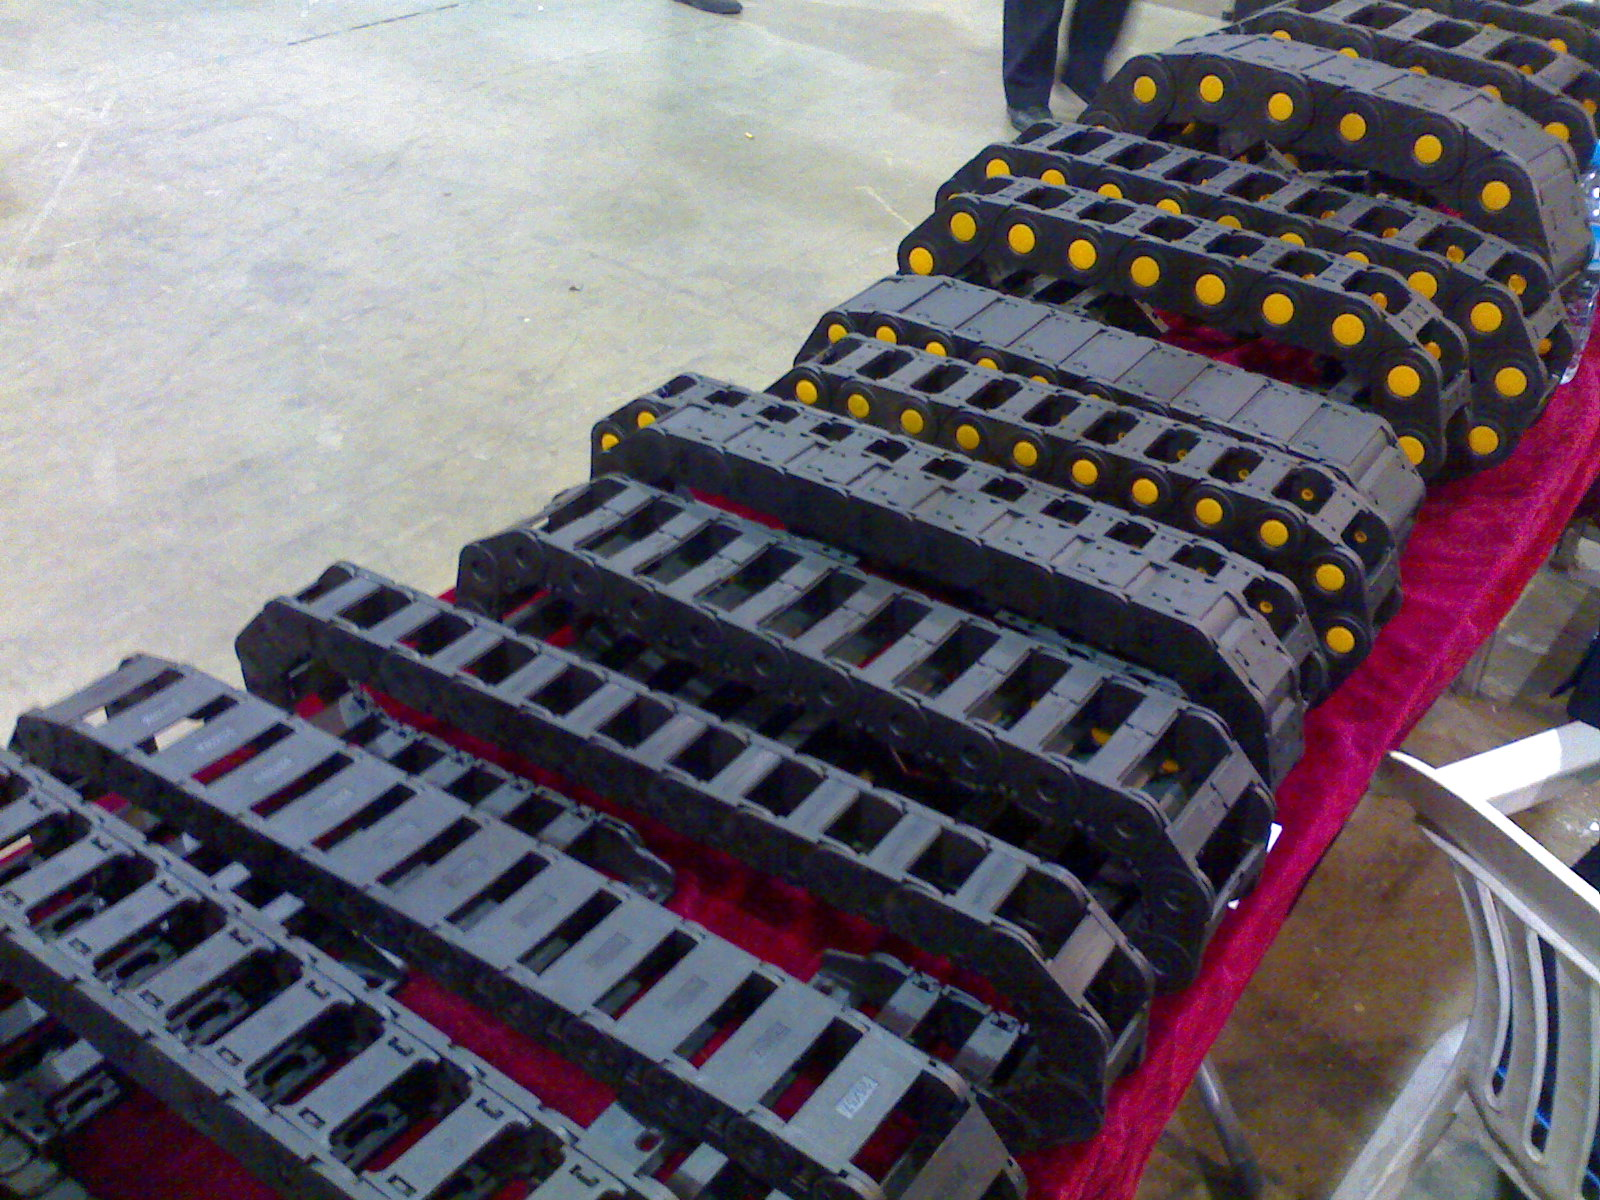 批发工程塑料拖链:隆泰数控机床附件-专业生产工程塑料拖链